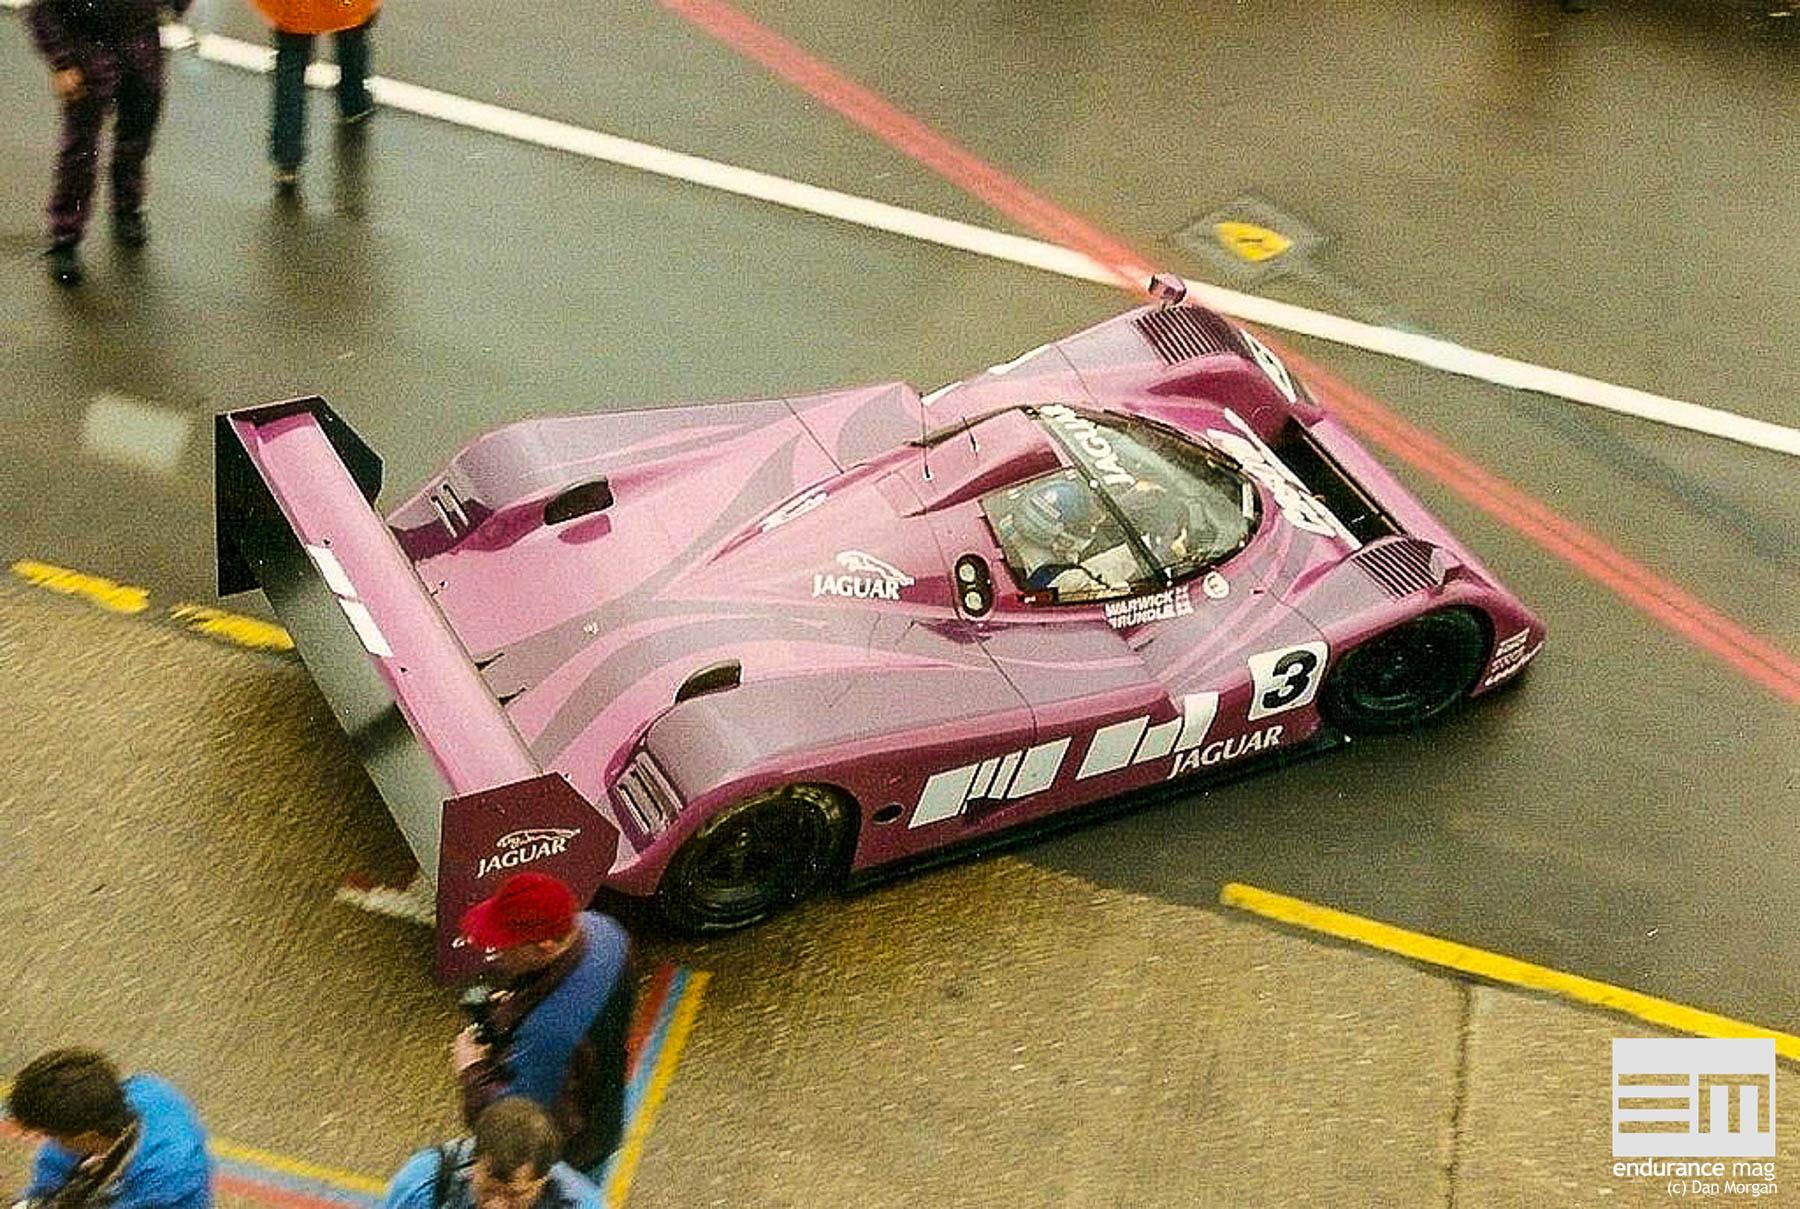 Jaguar XJR-14, la grosse Formule 1